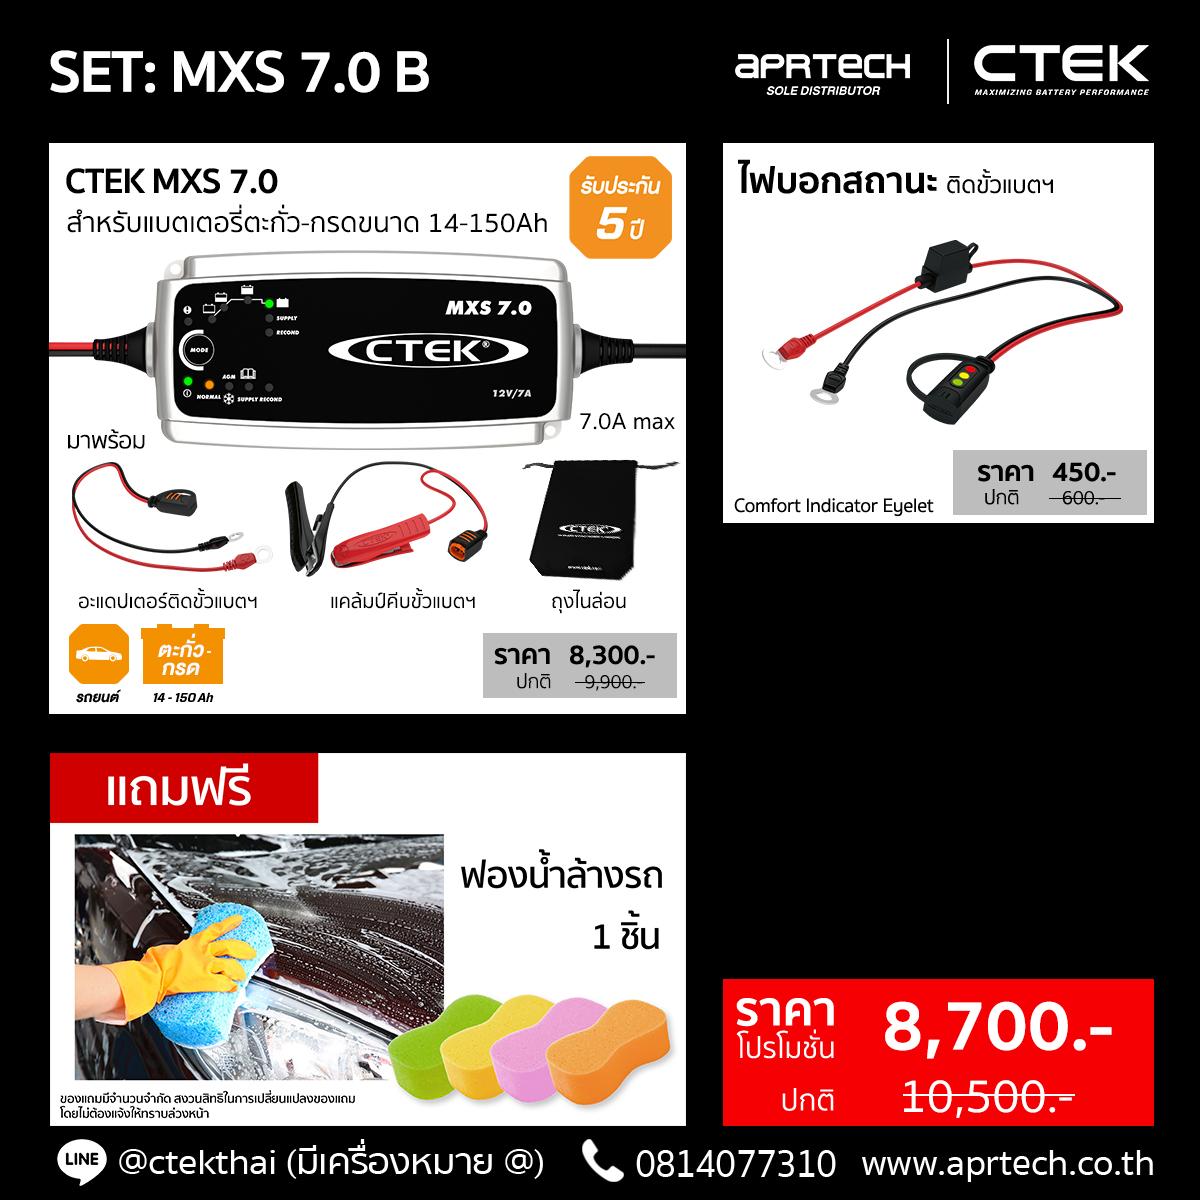 SET MXS 7.0 B (MXS 7.0 + Indicator Eyelet)